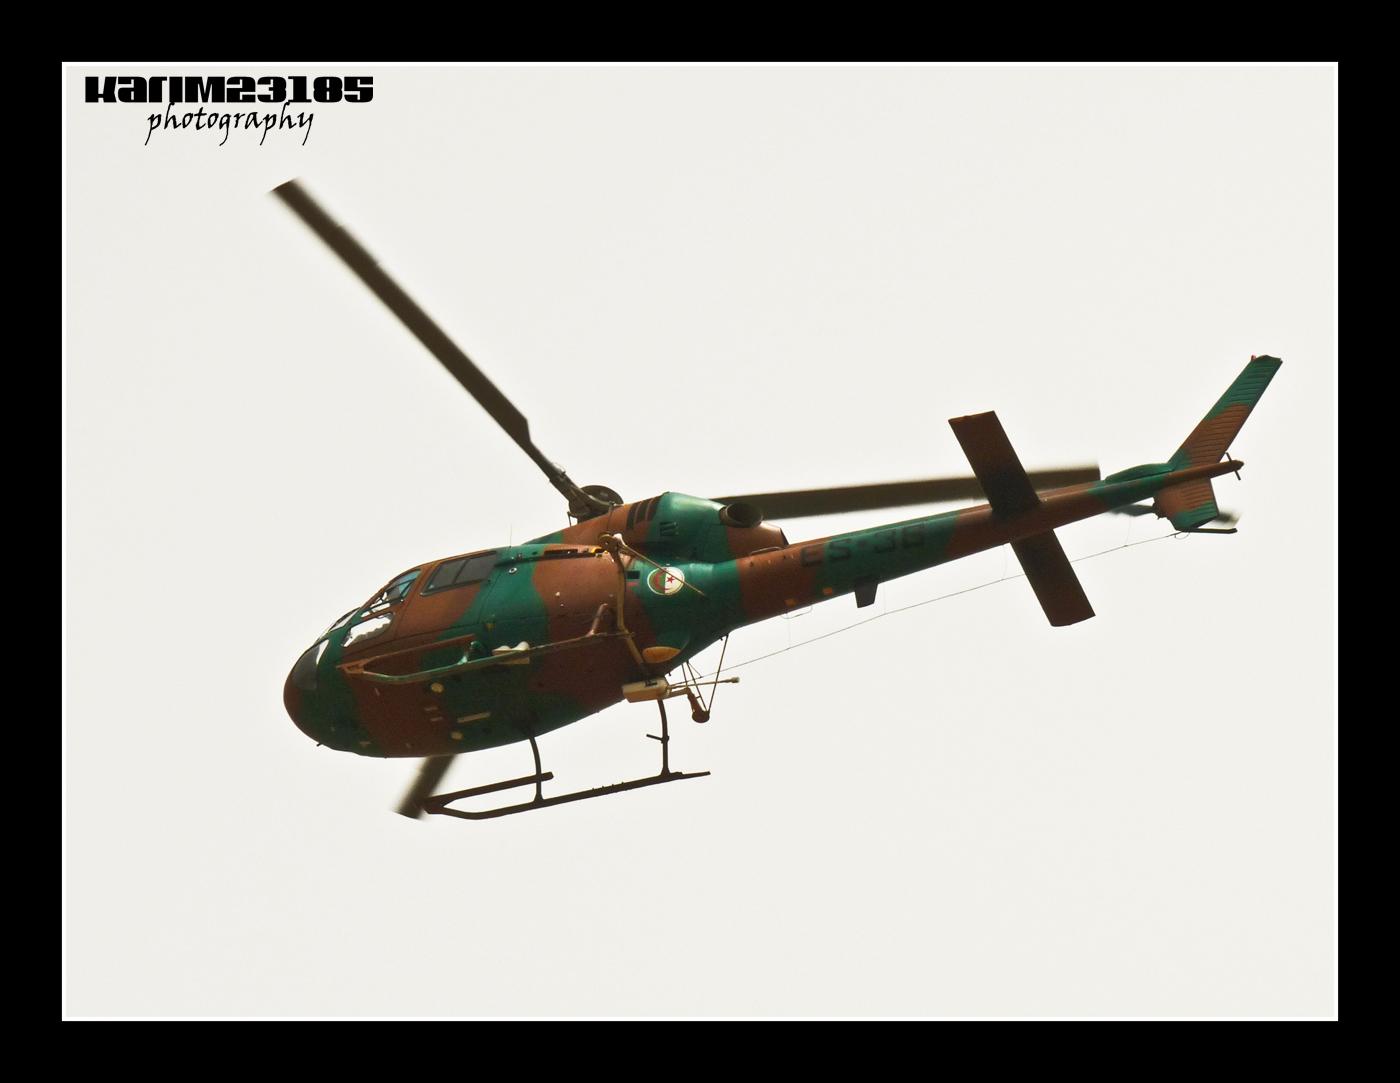 صور مروحيات القوات الجوية الجزائرية Ecureuil/Fennec ] AS-355N2 / AS-555N ] - صفحة 2 26069686776_255b786fe4_o